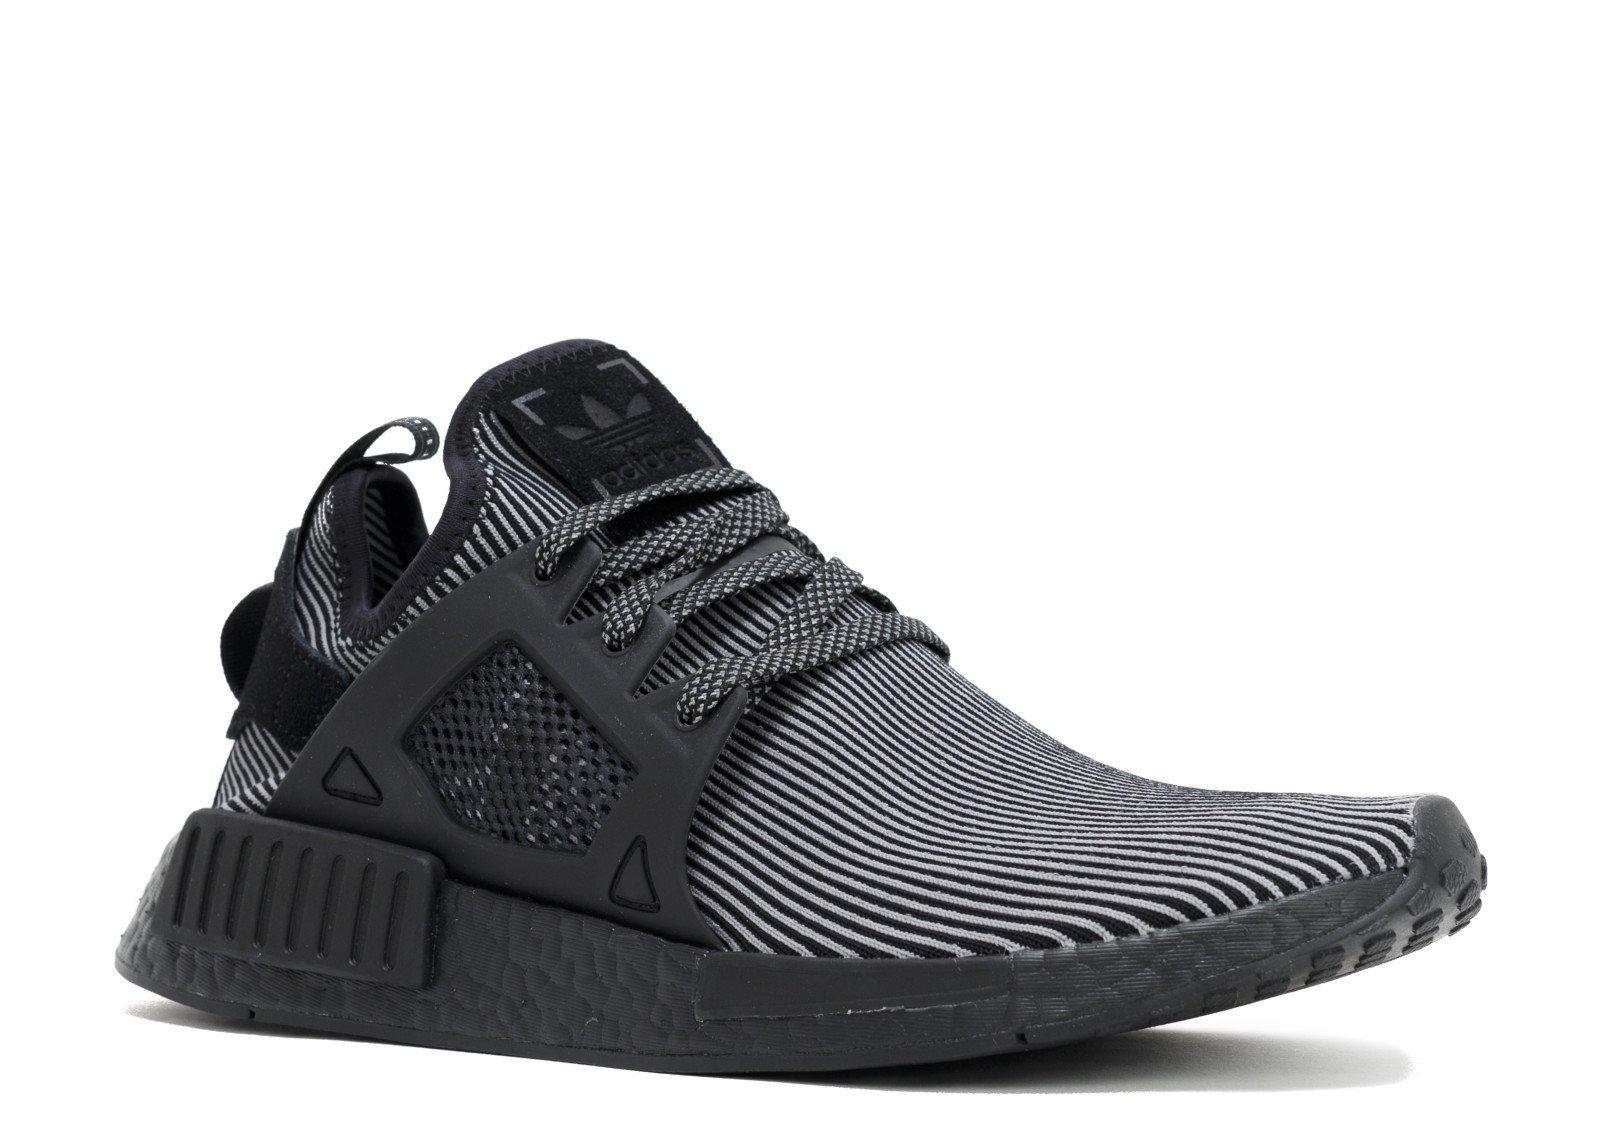 adidas NMD XR1 PK shoes black